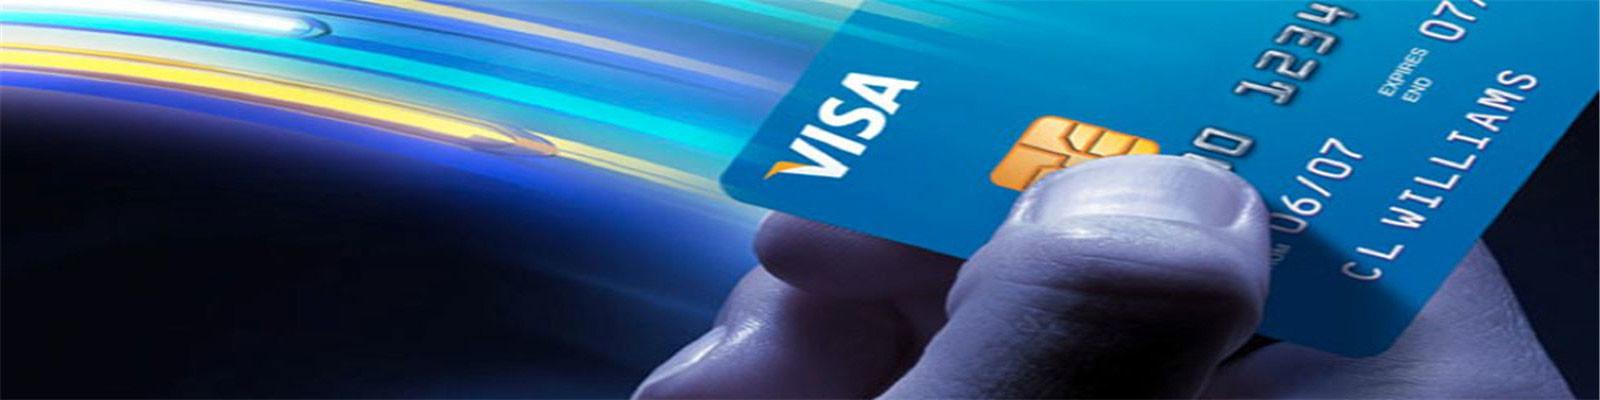 Đầu đọc thẻ RFID